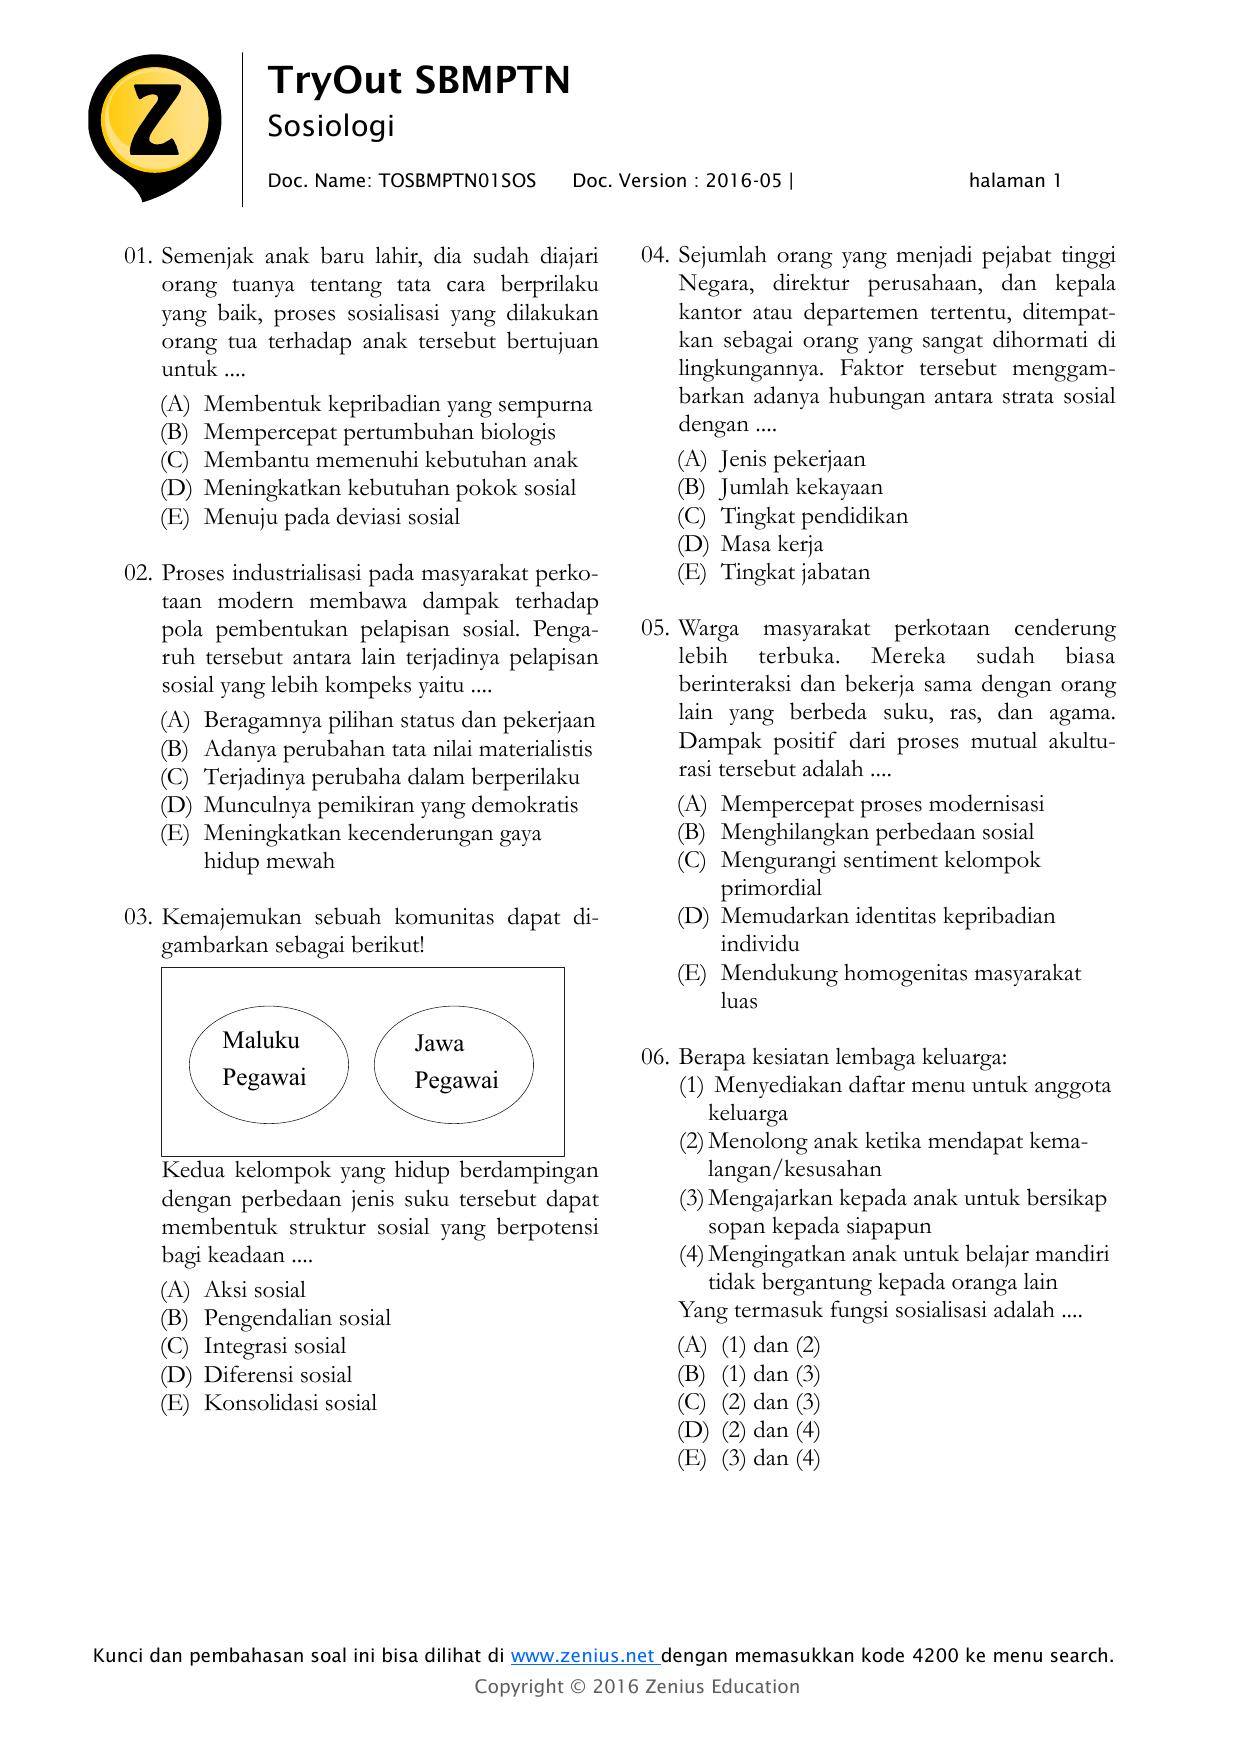 Try Out Sbmptn Zenius : sbmptn, zenius, TryOut, SBMPTN, Zenius, Education